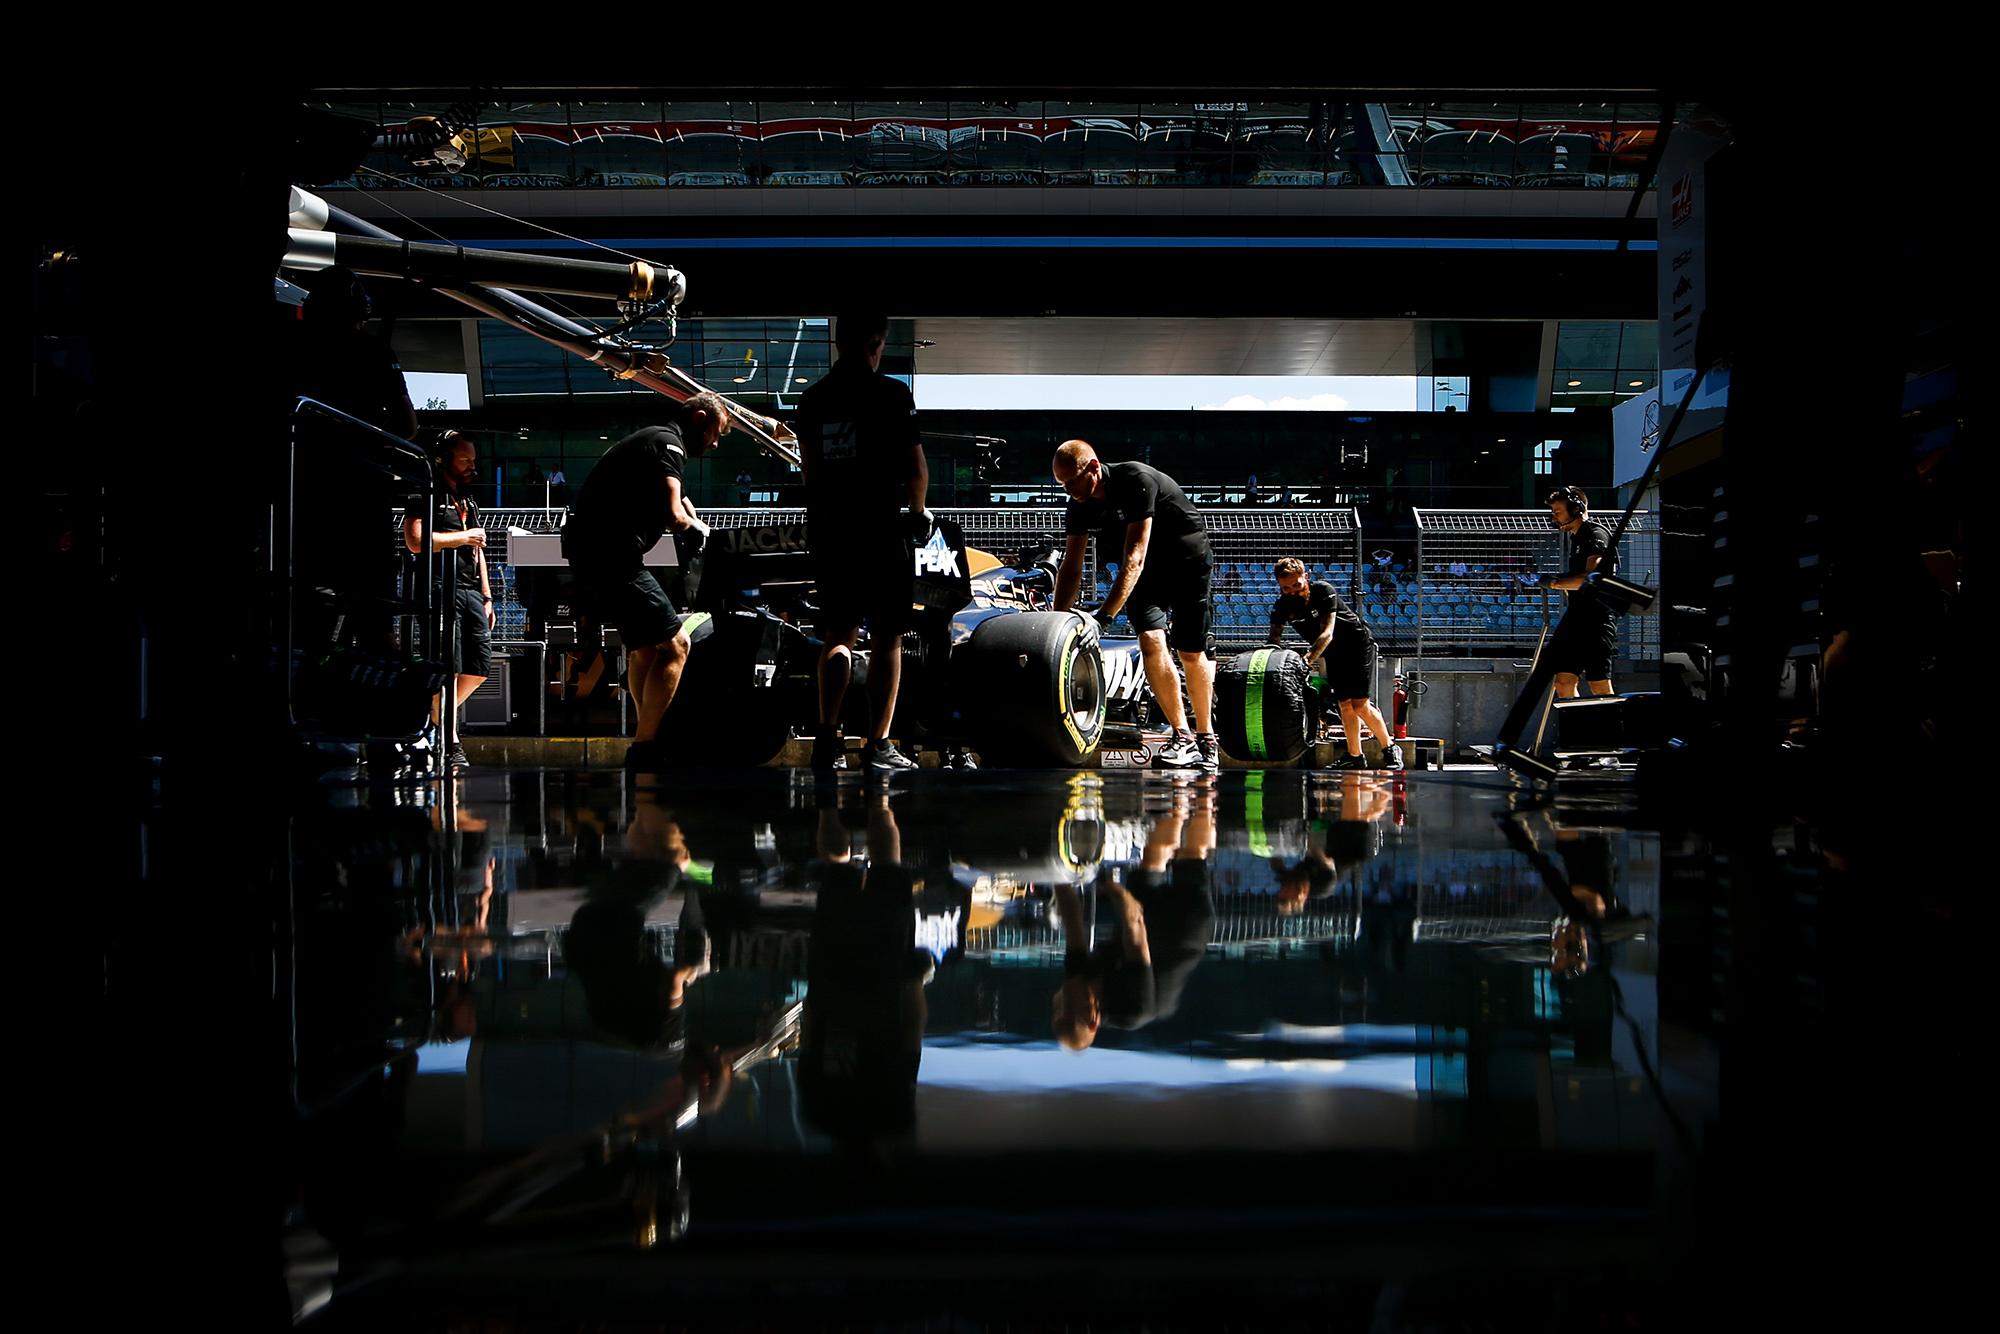 2019 Haas F1 garage